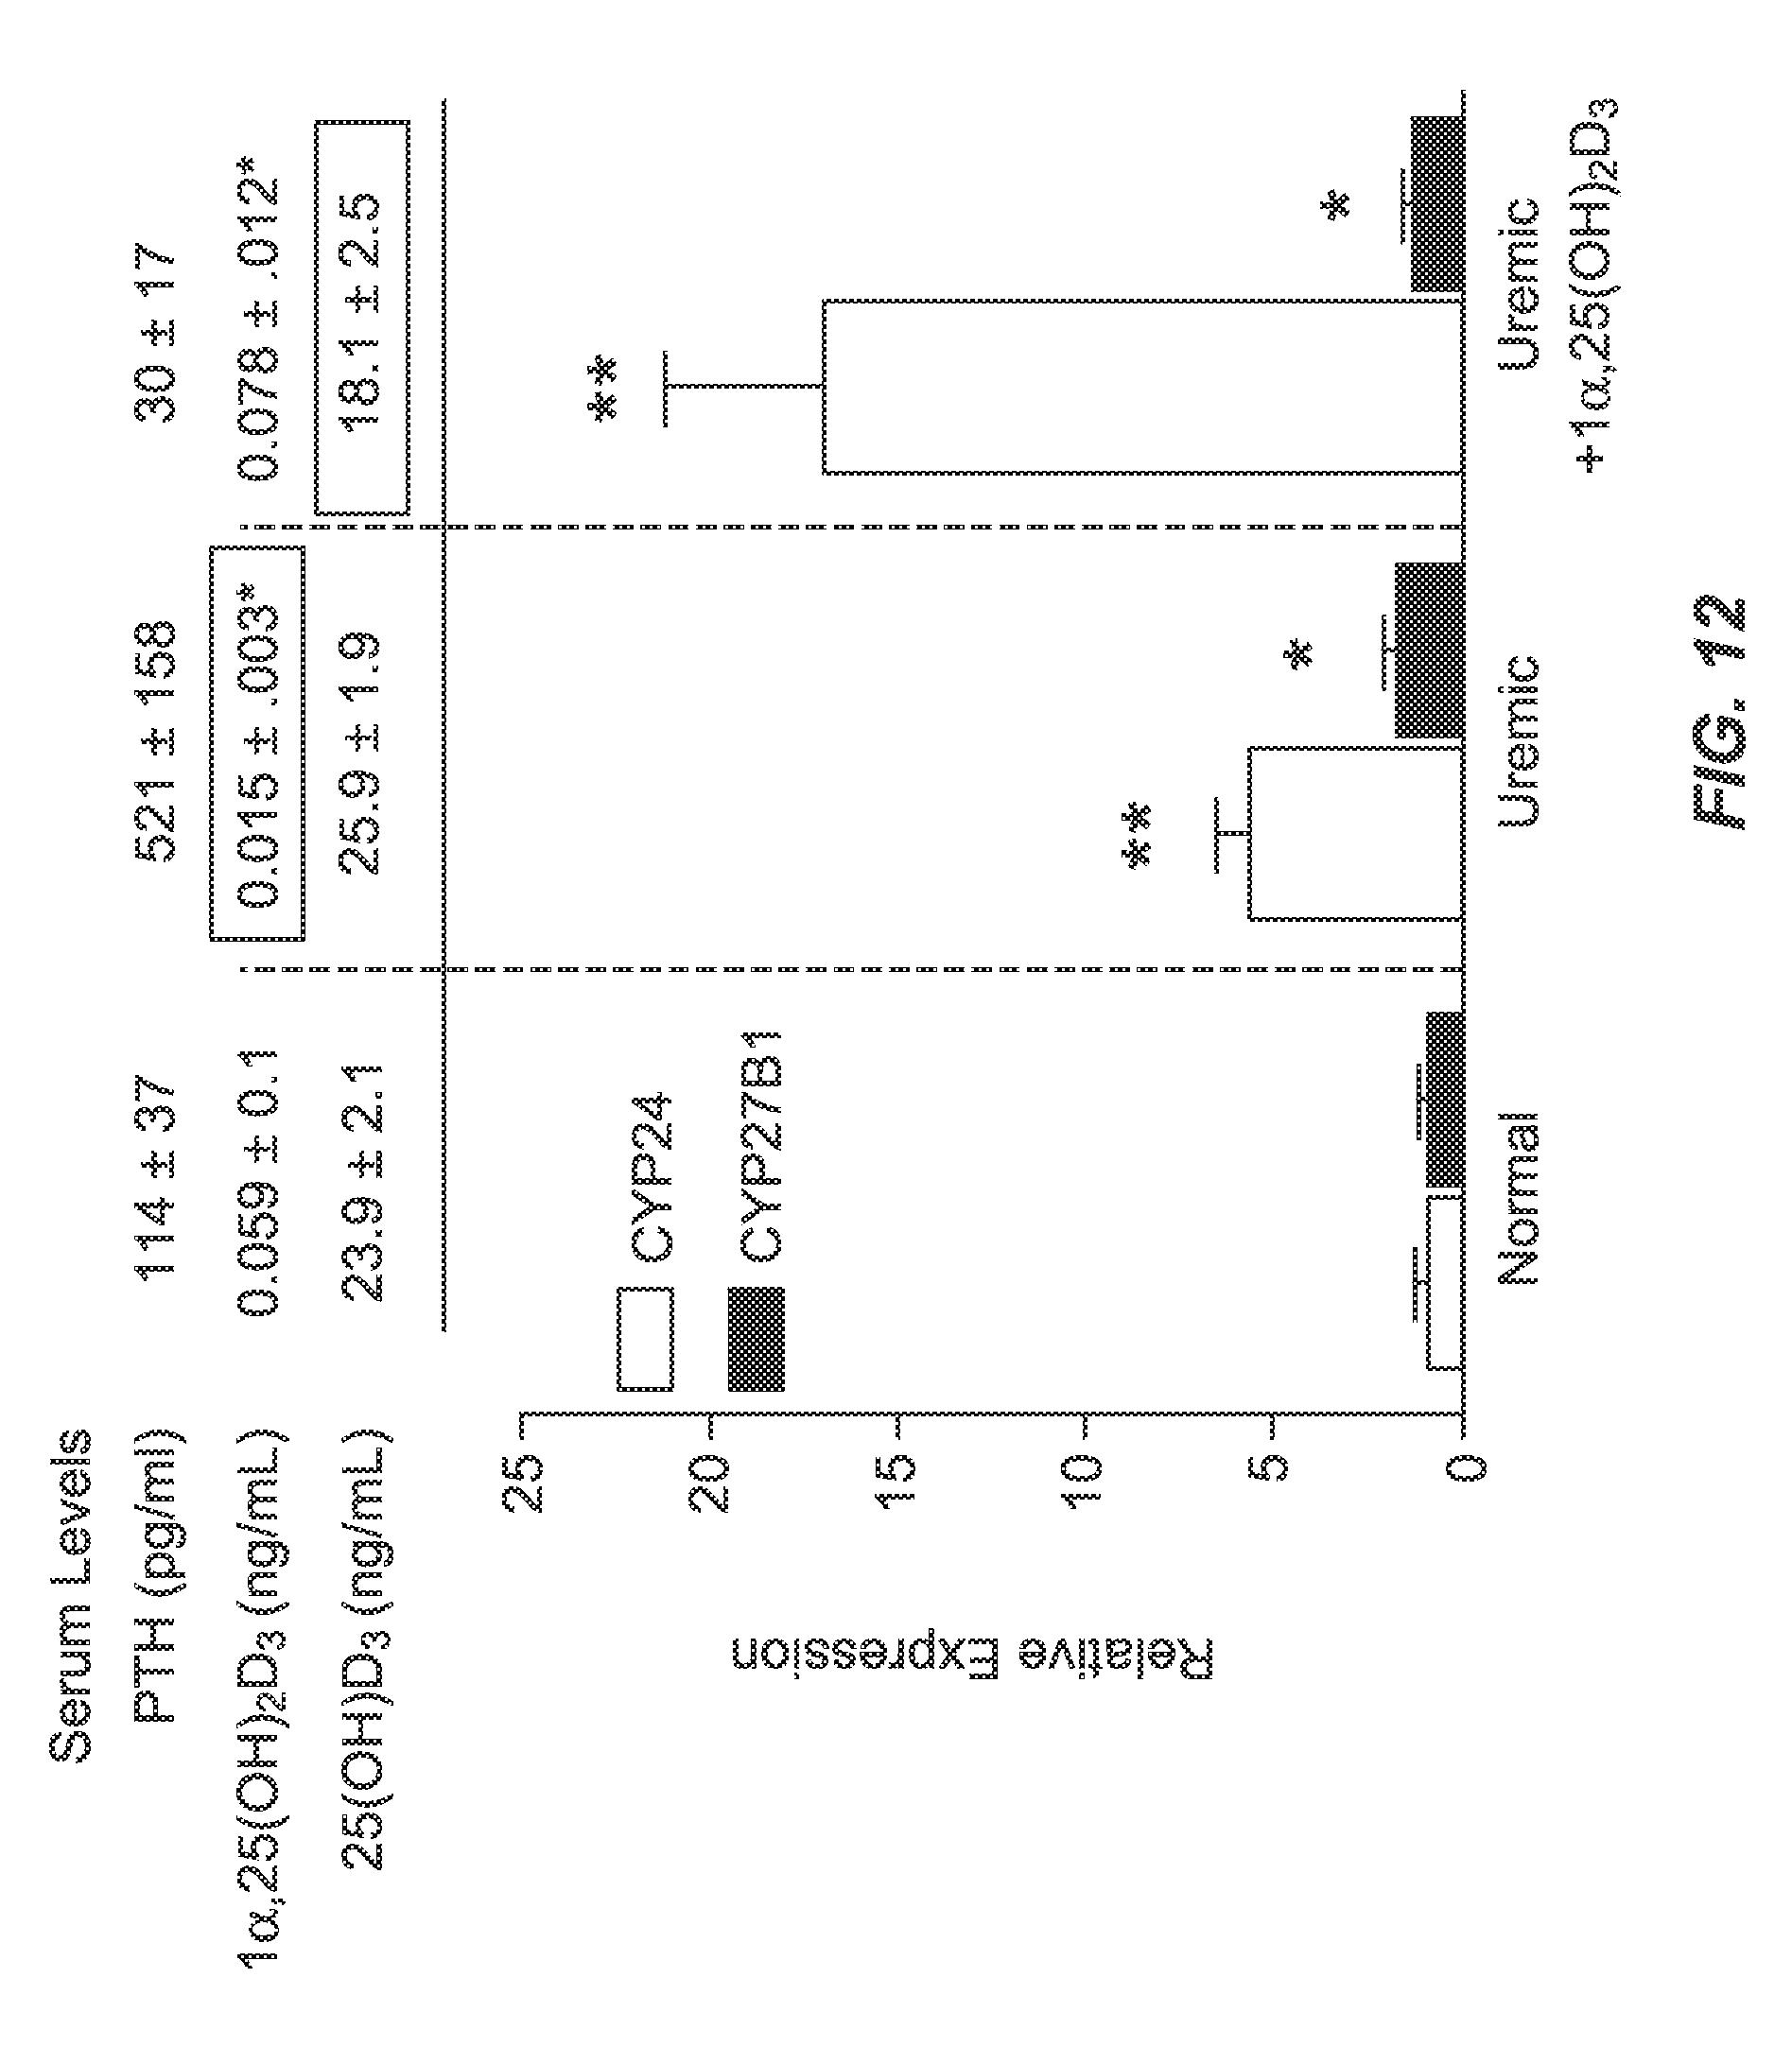 diabetes no controlada código icd-9